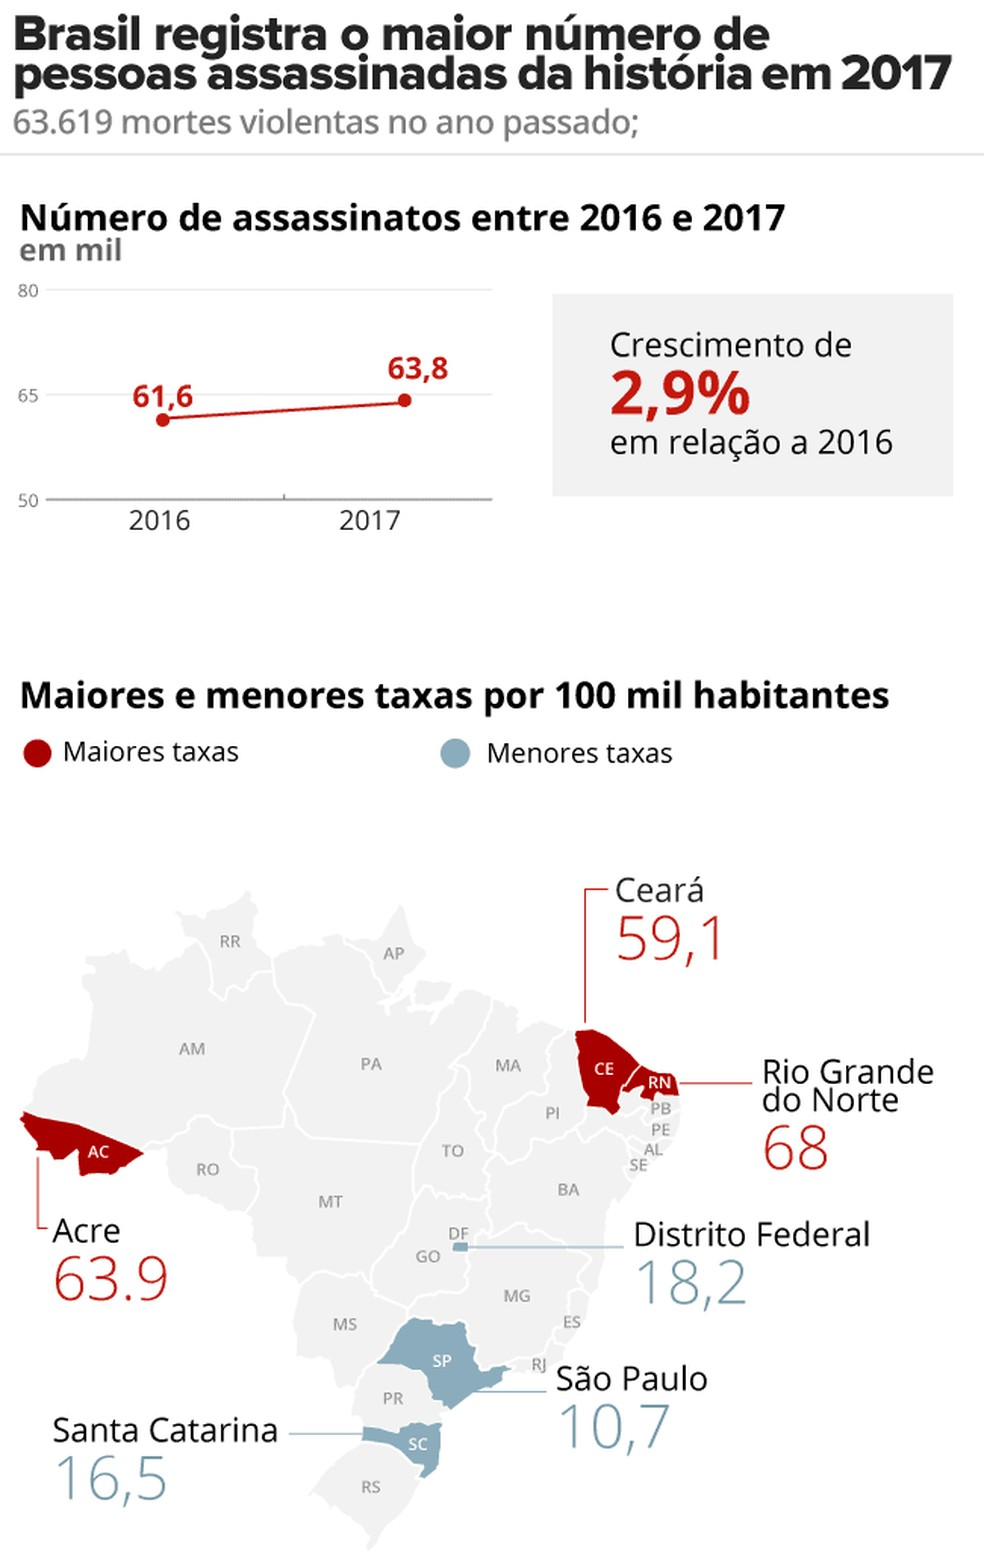 Brasil bate recorde em assassinatos em 2017 (Foto: Juliane Souza/Arte G1 )